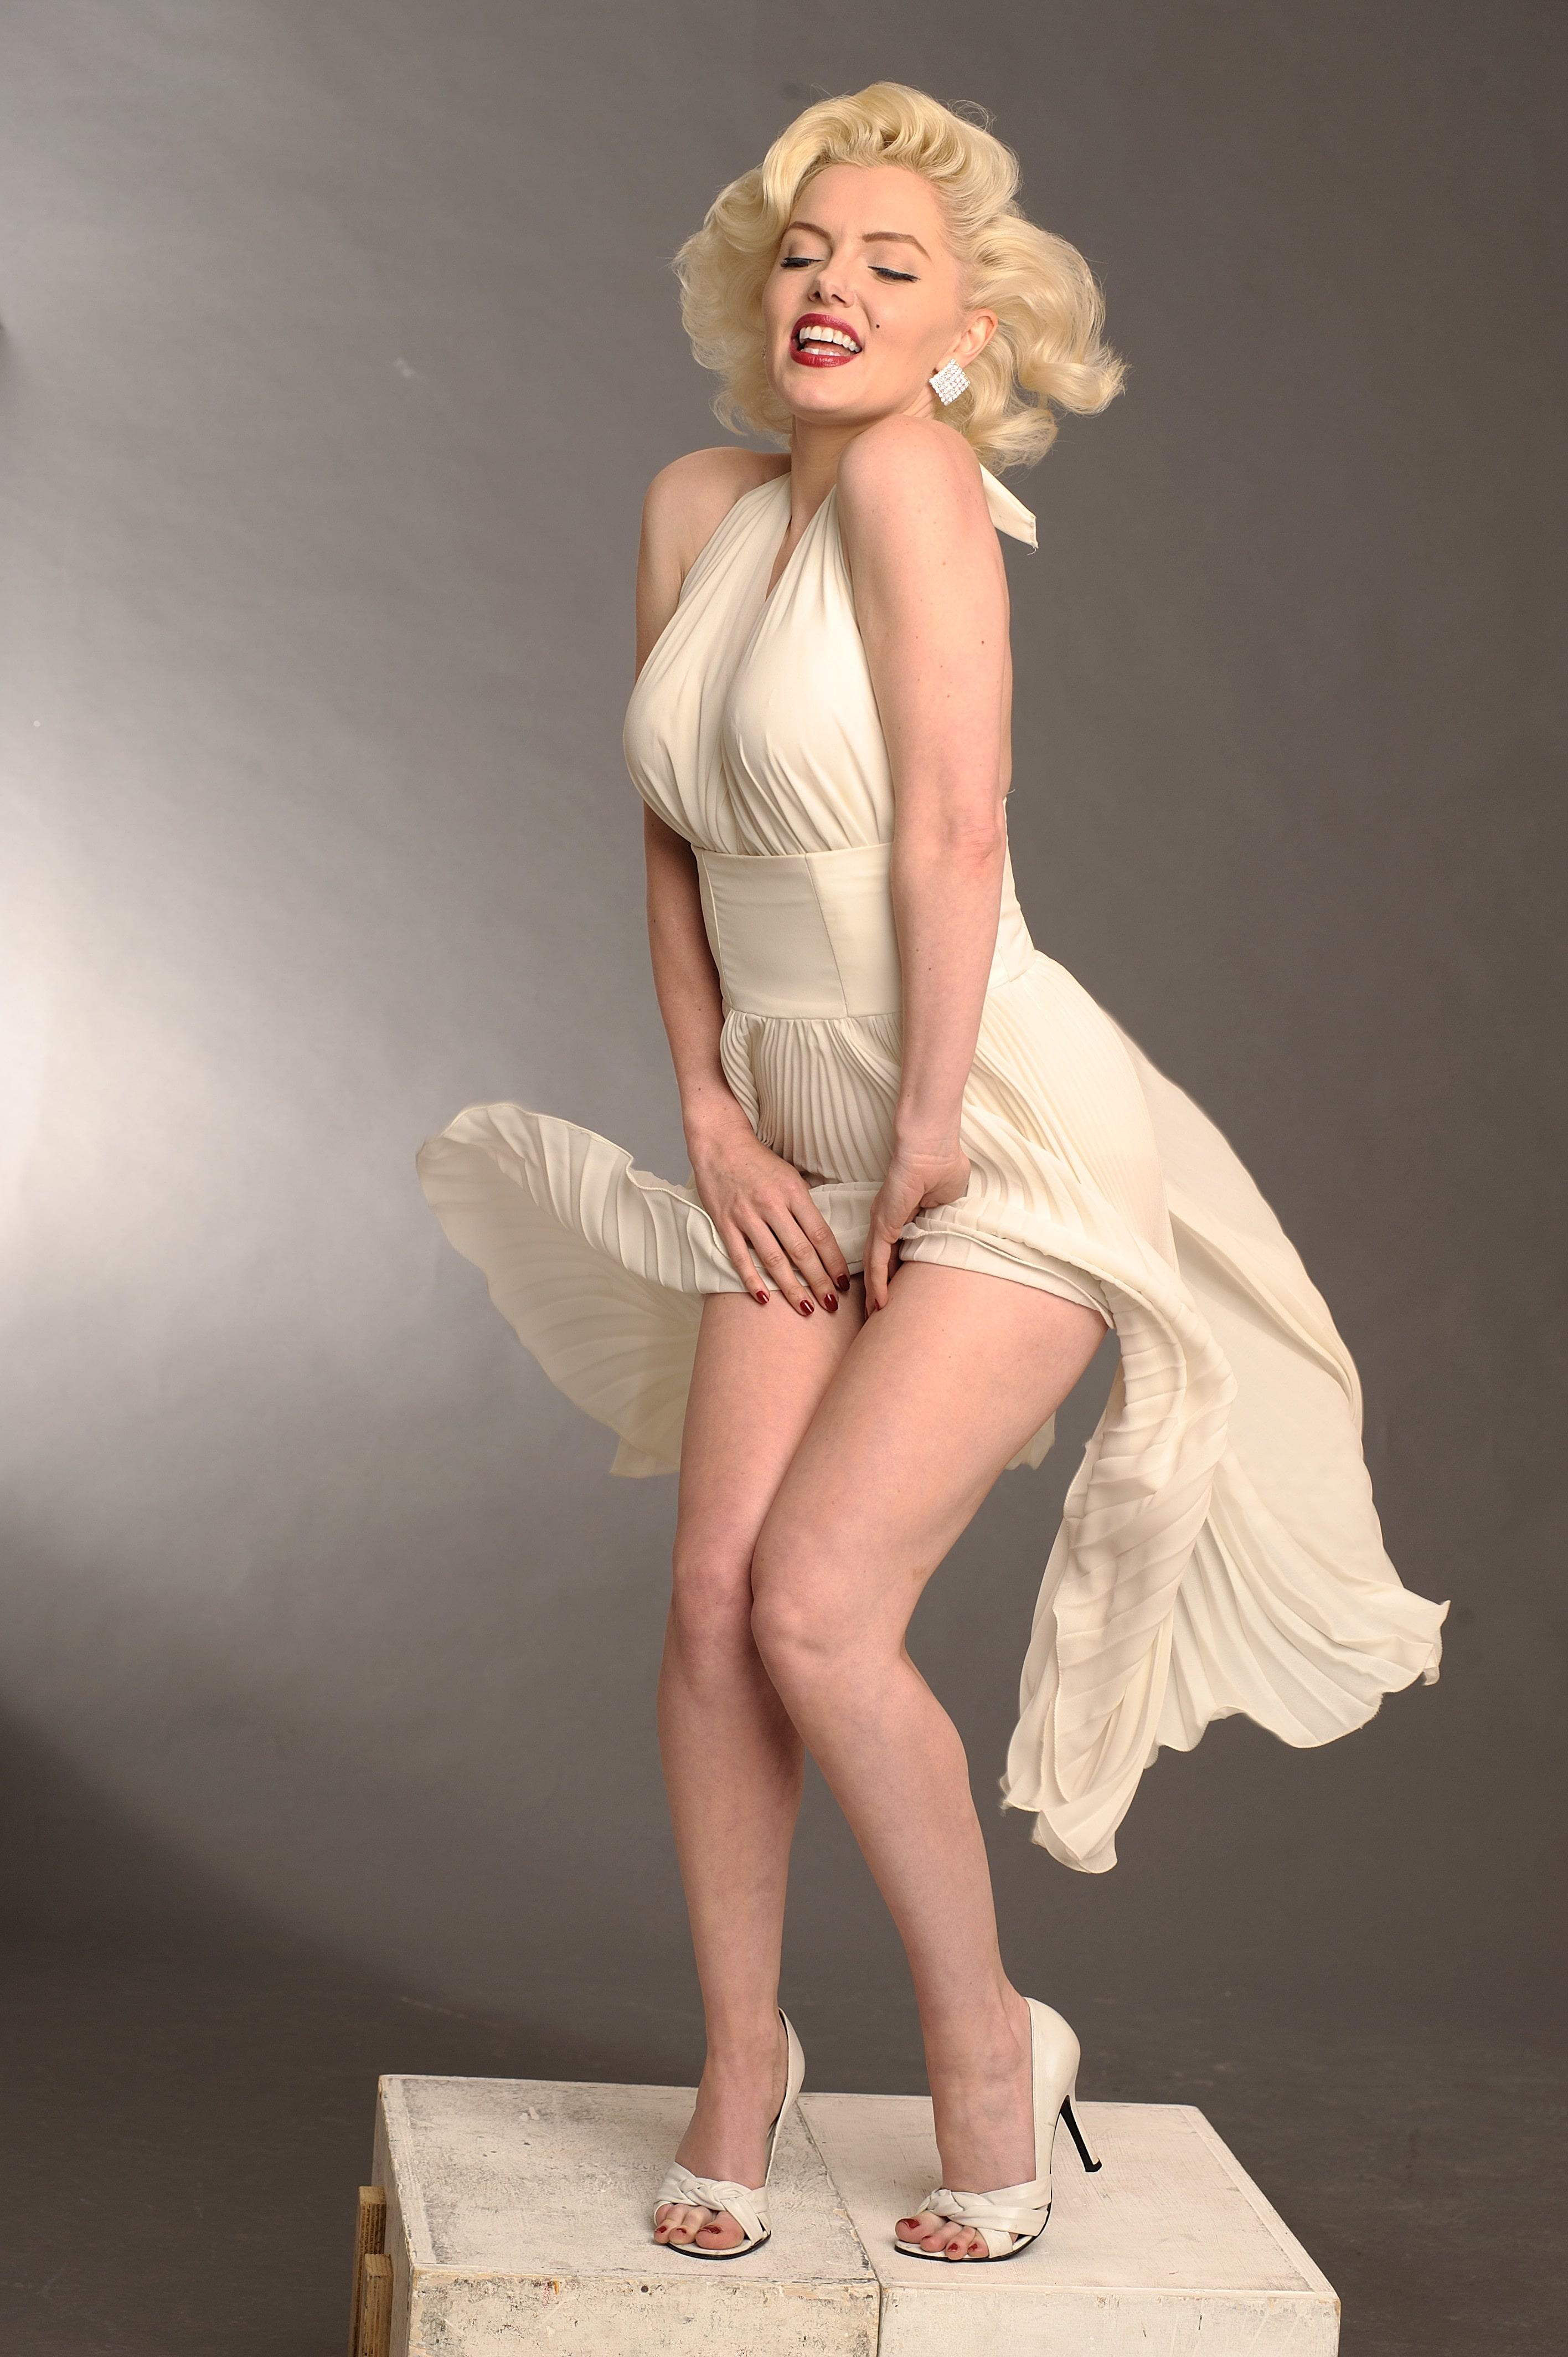 Marilyn Monroe 7wallpapers Net